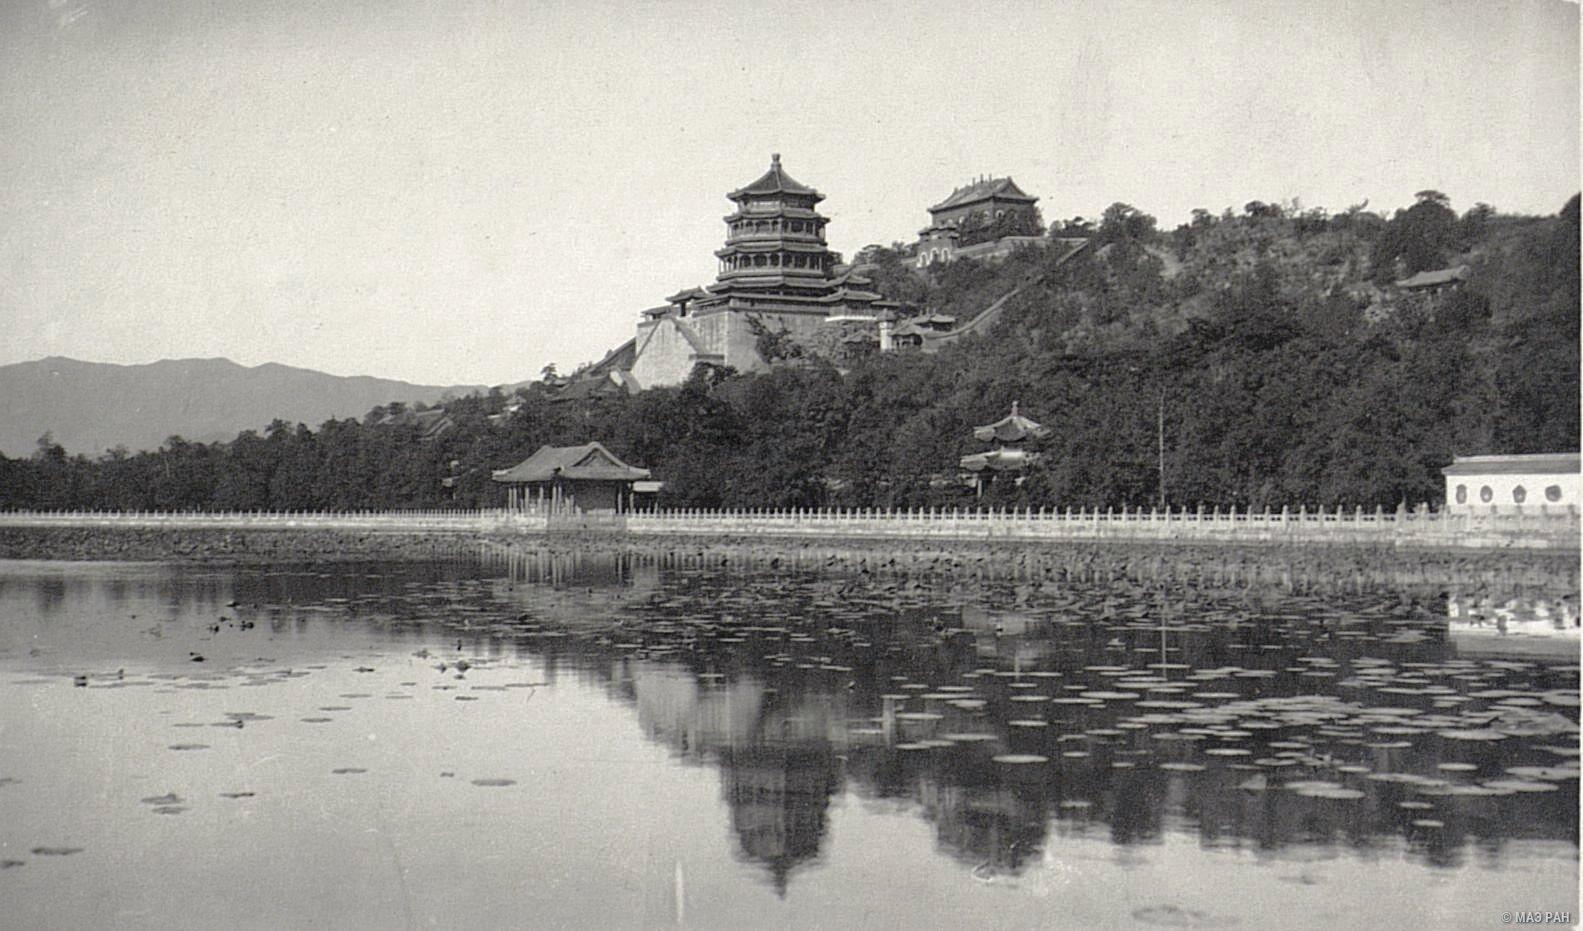 Вид на павильоны летнего дворца в парке Ихэюань